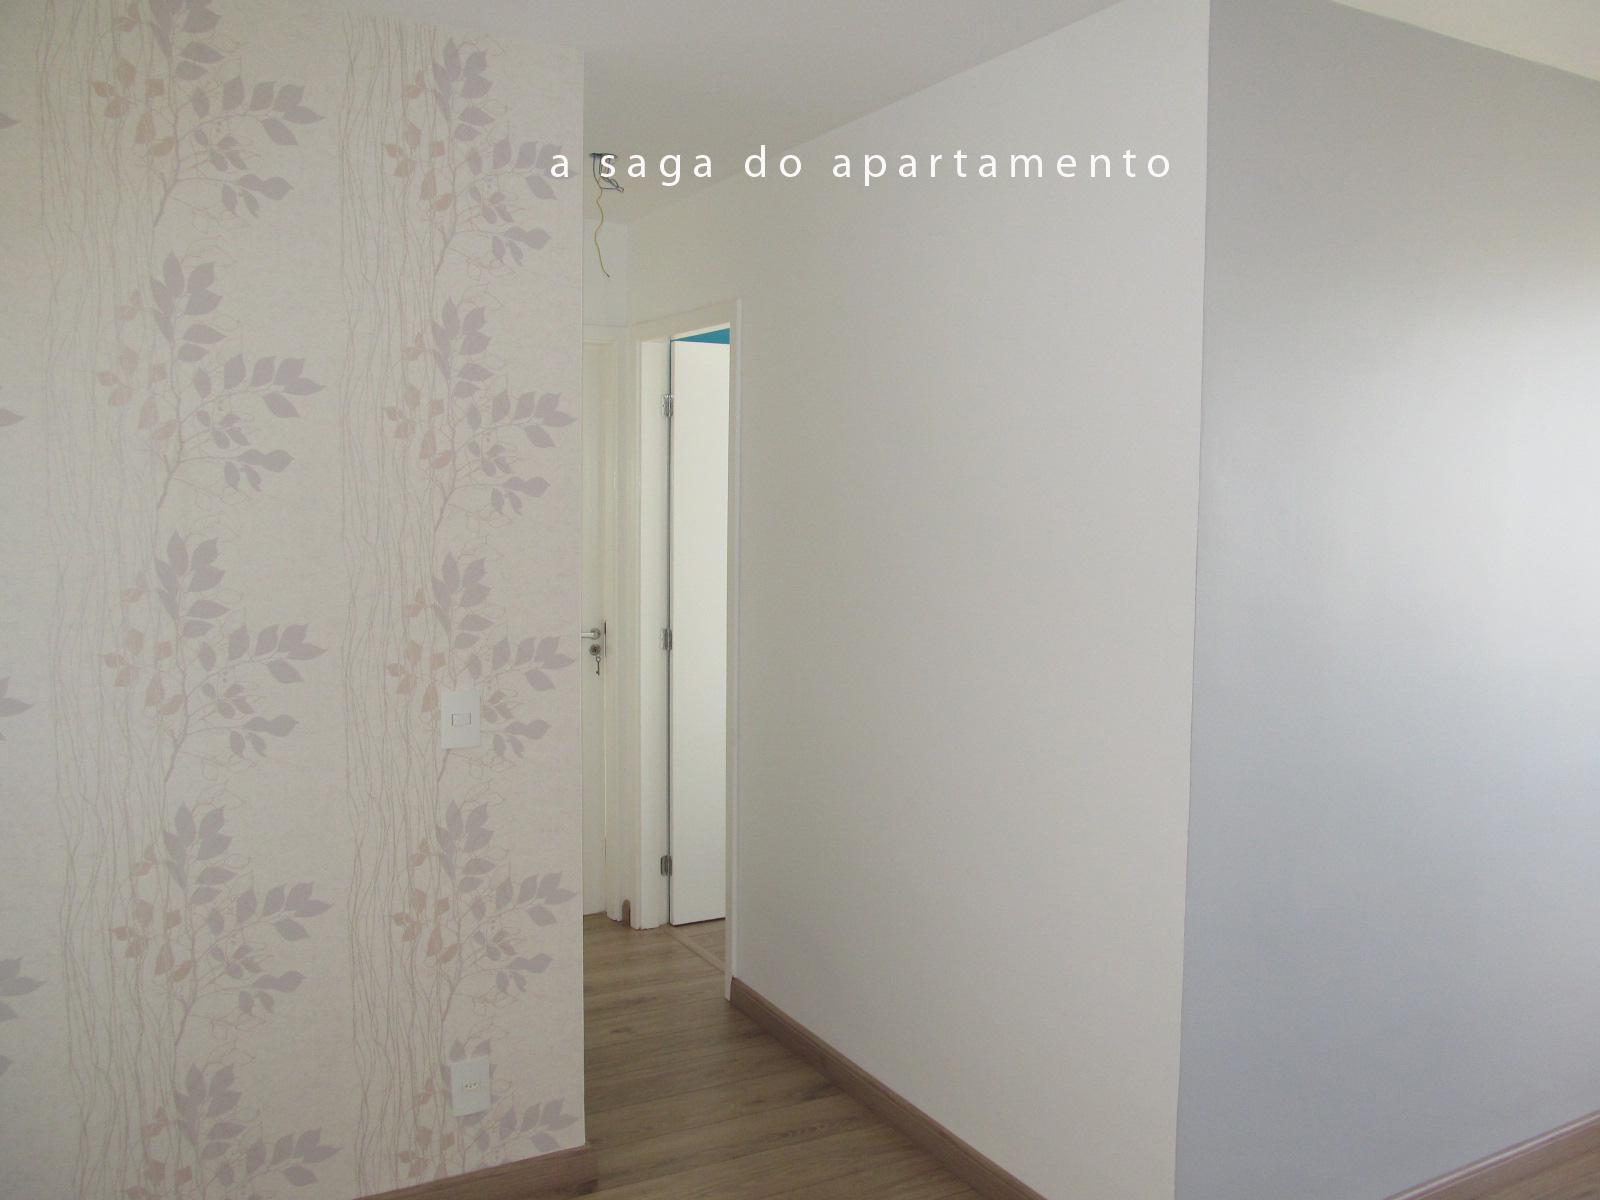 #4E3D31 Sala de jantar tomando forma: Mesa e Papel de Parede!!! a saga do  1600x1200 píxeis em Decoração De Sala De Jantar Com Papel De Parede E Espelho